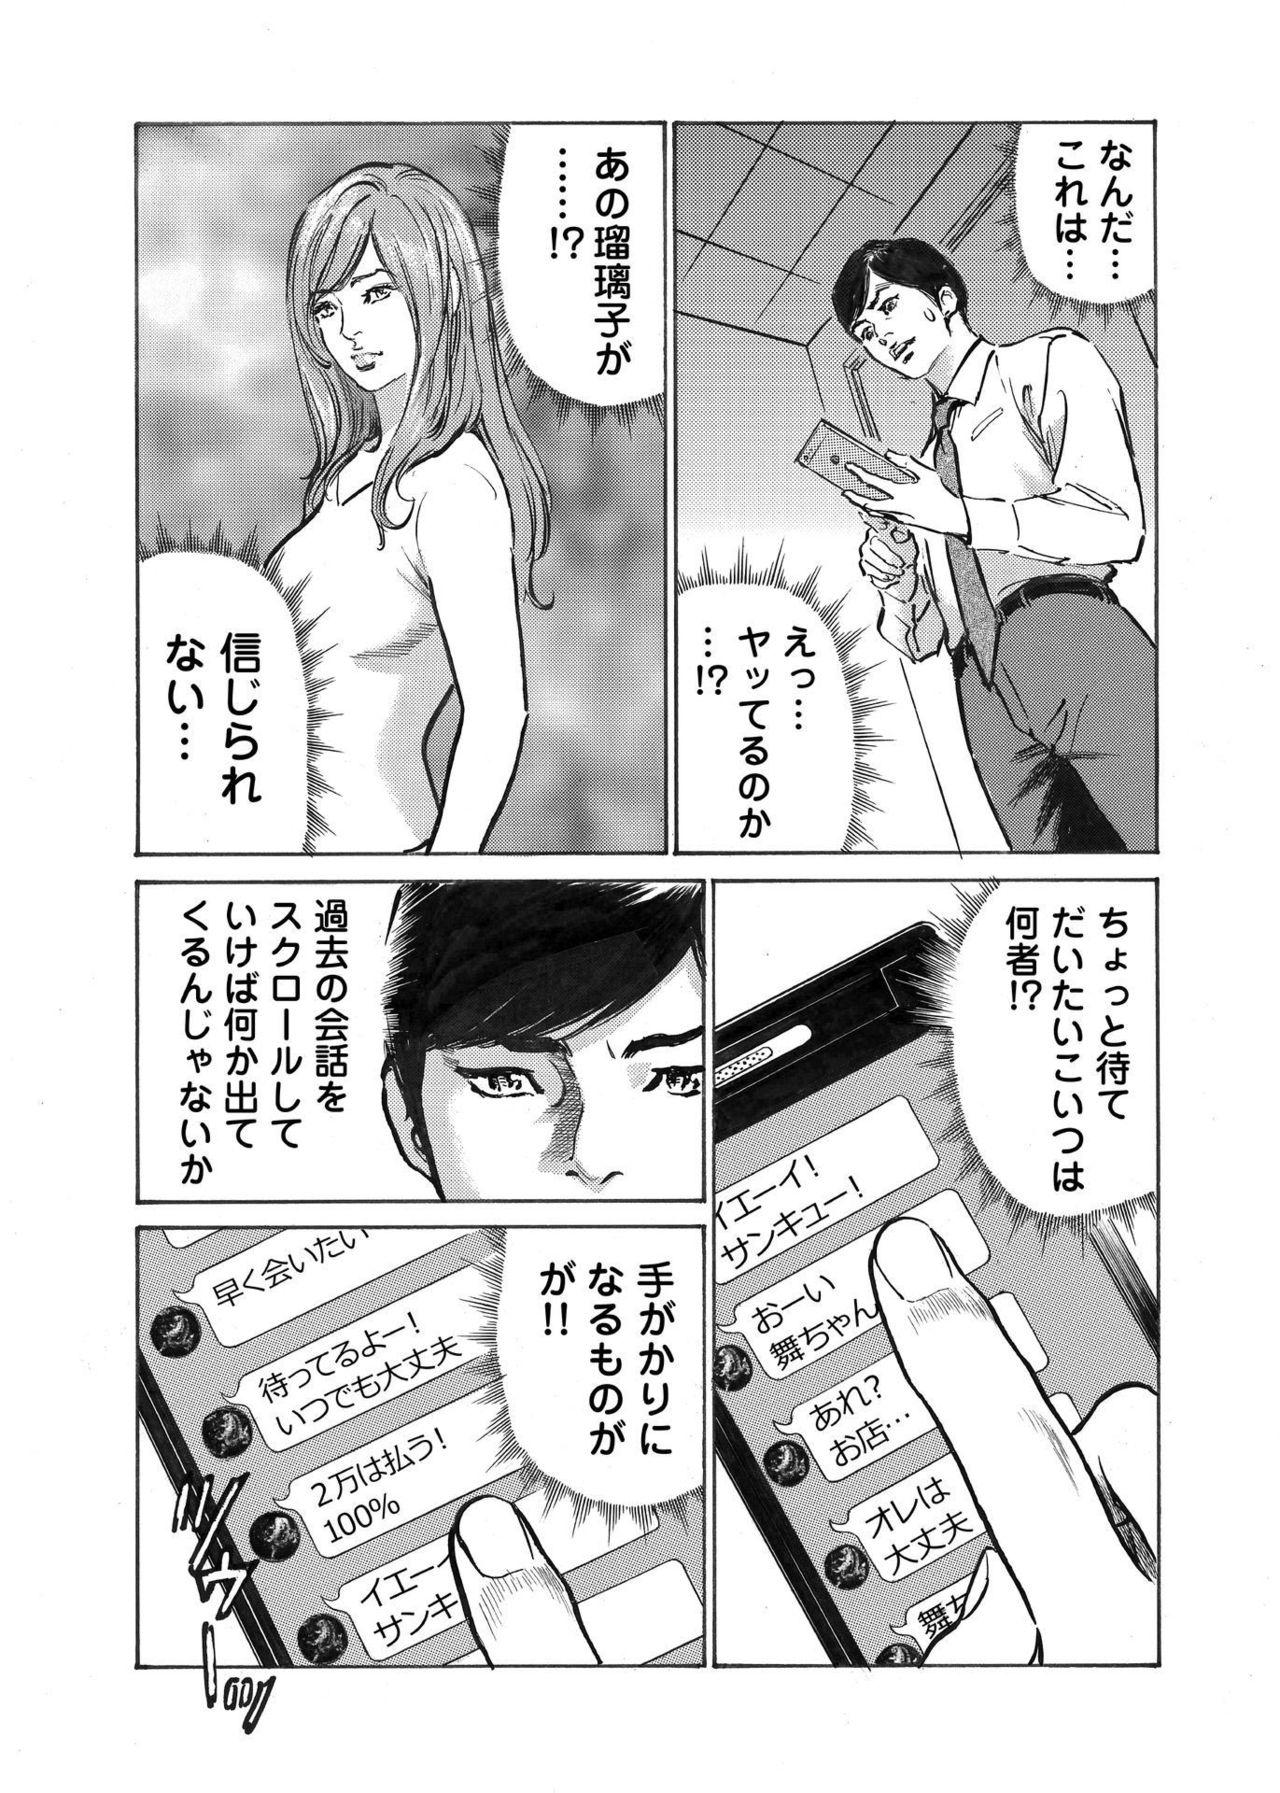 Ore wa Tsuma no Koto o Yoku Shiranai 1-9 97